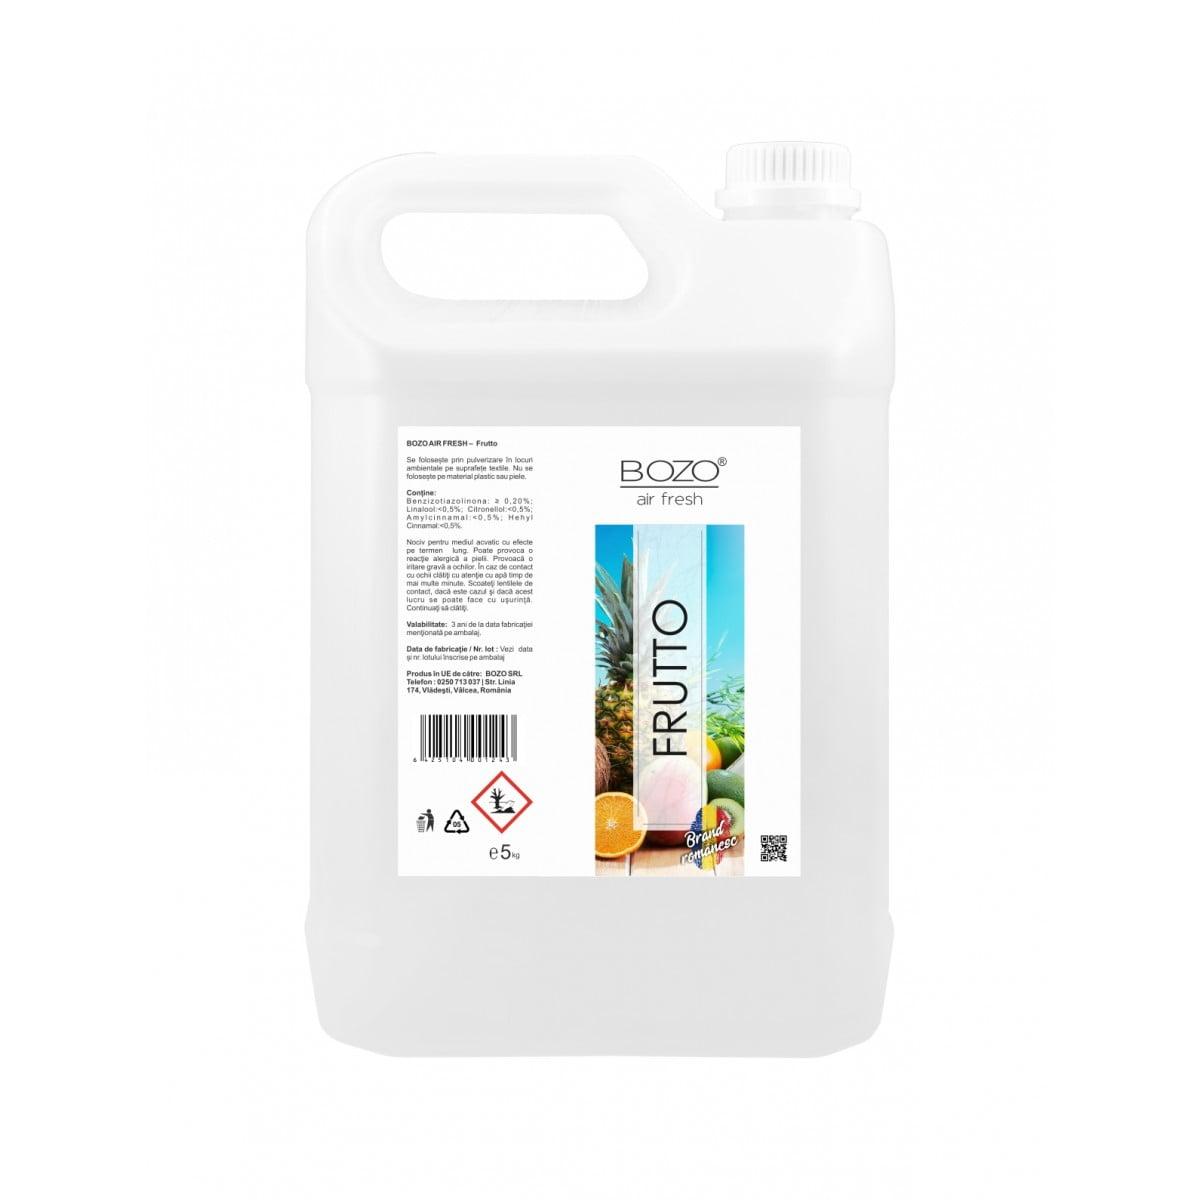 Odorizant ambiental concentrat cu aroma de fructe, Bozo Air Fresh - Frutto - 5 litri imagine 2021 somnart.ro